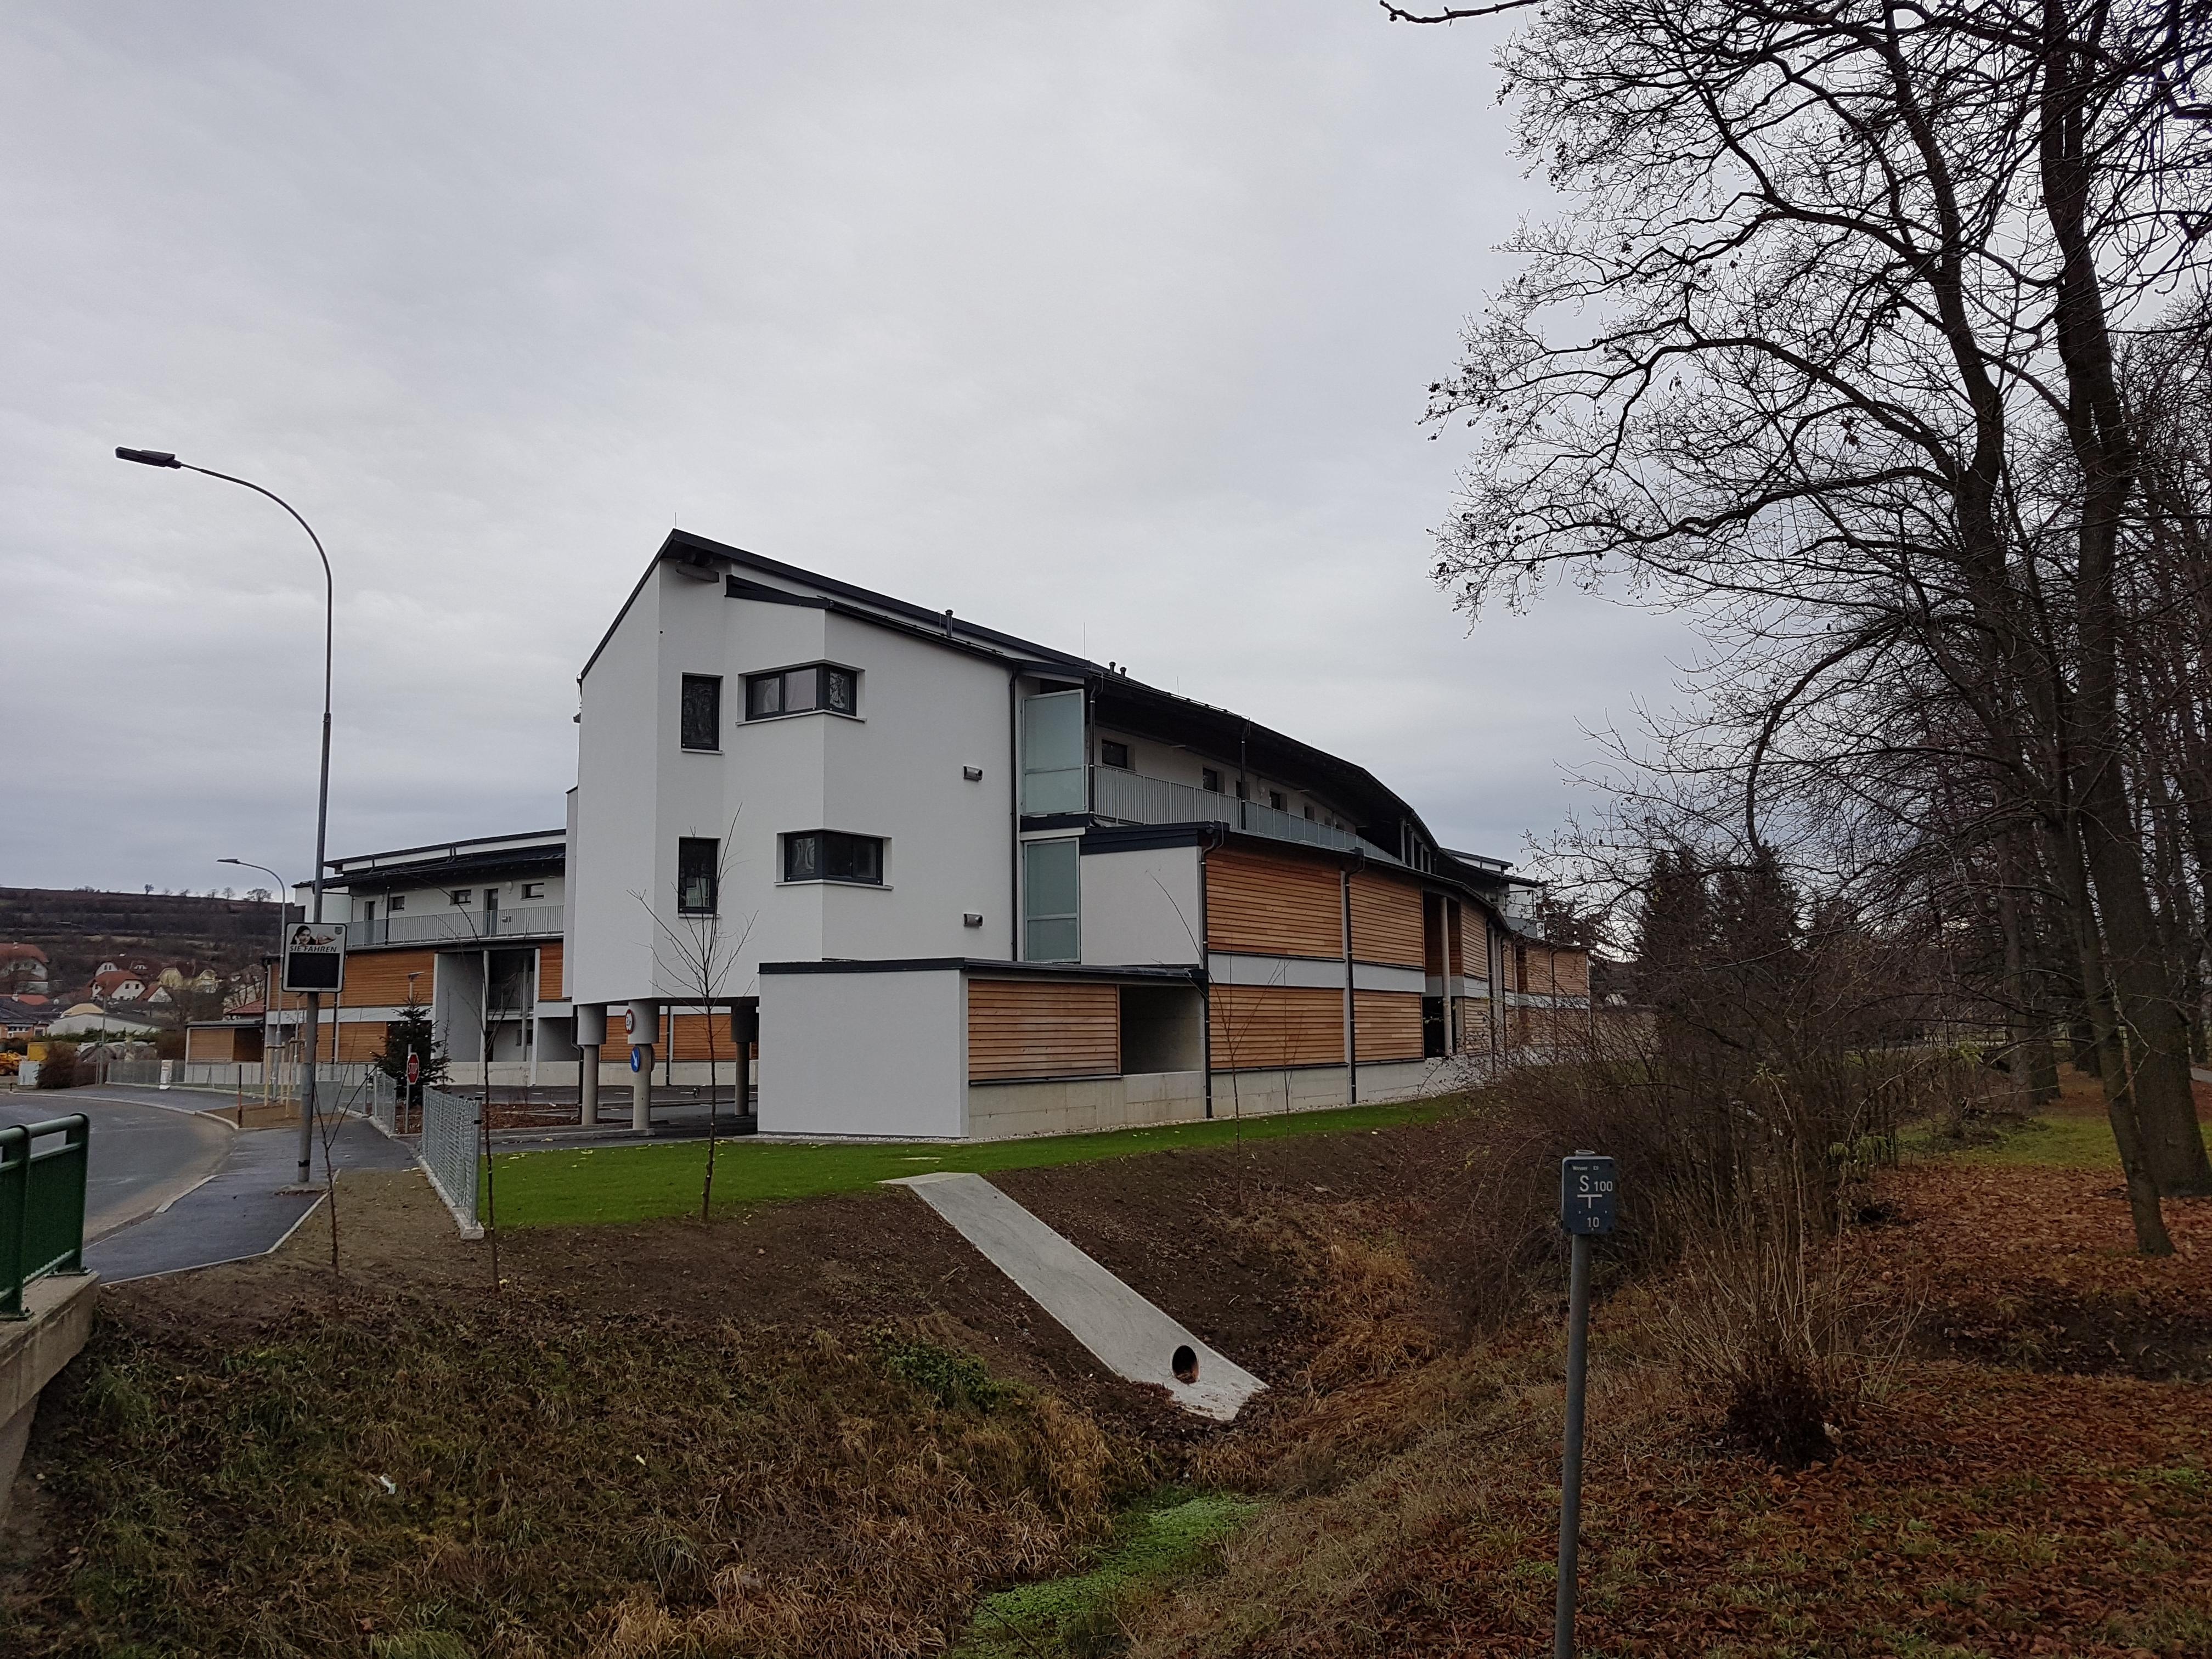 Ravelsbach_16122019_12